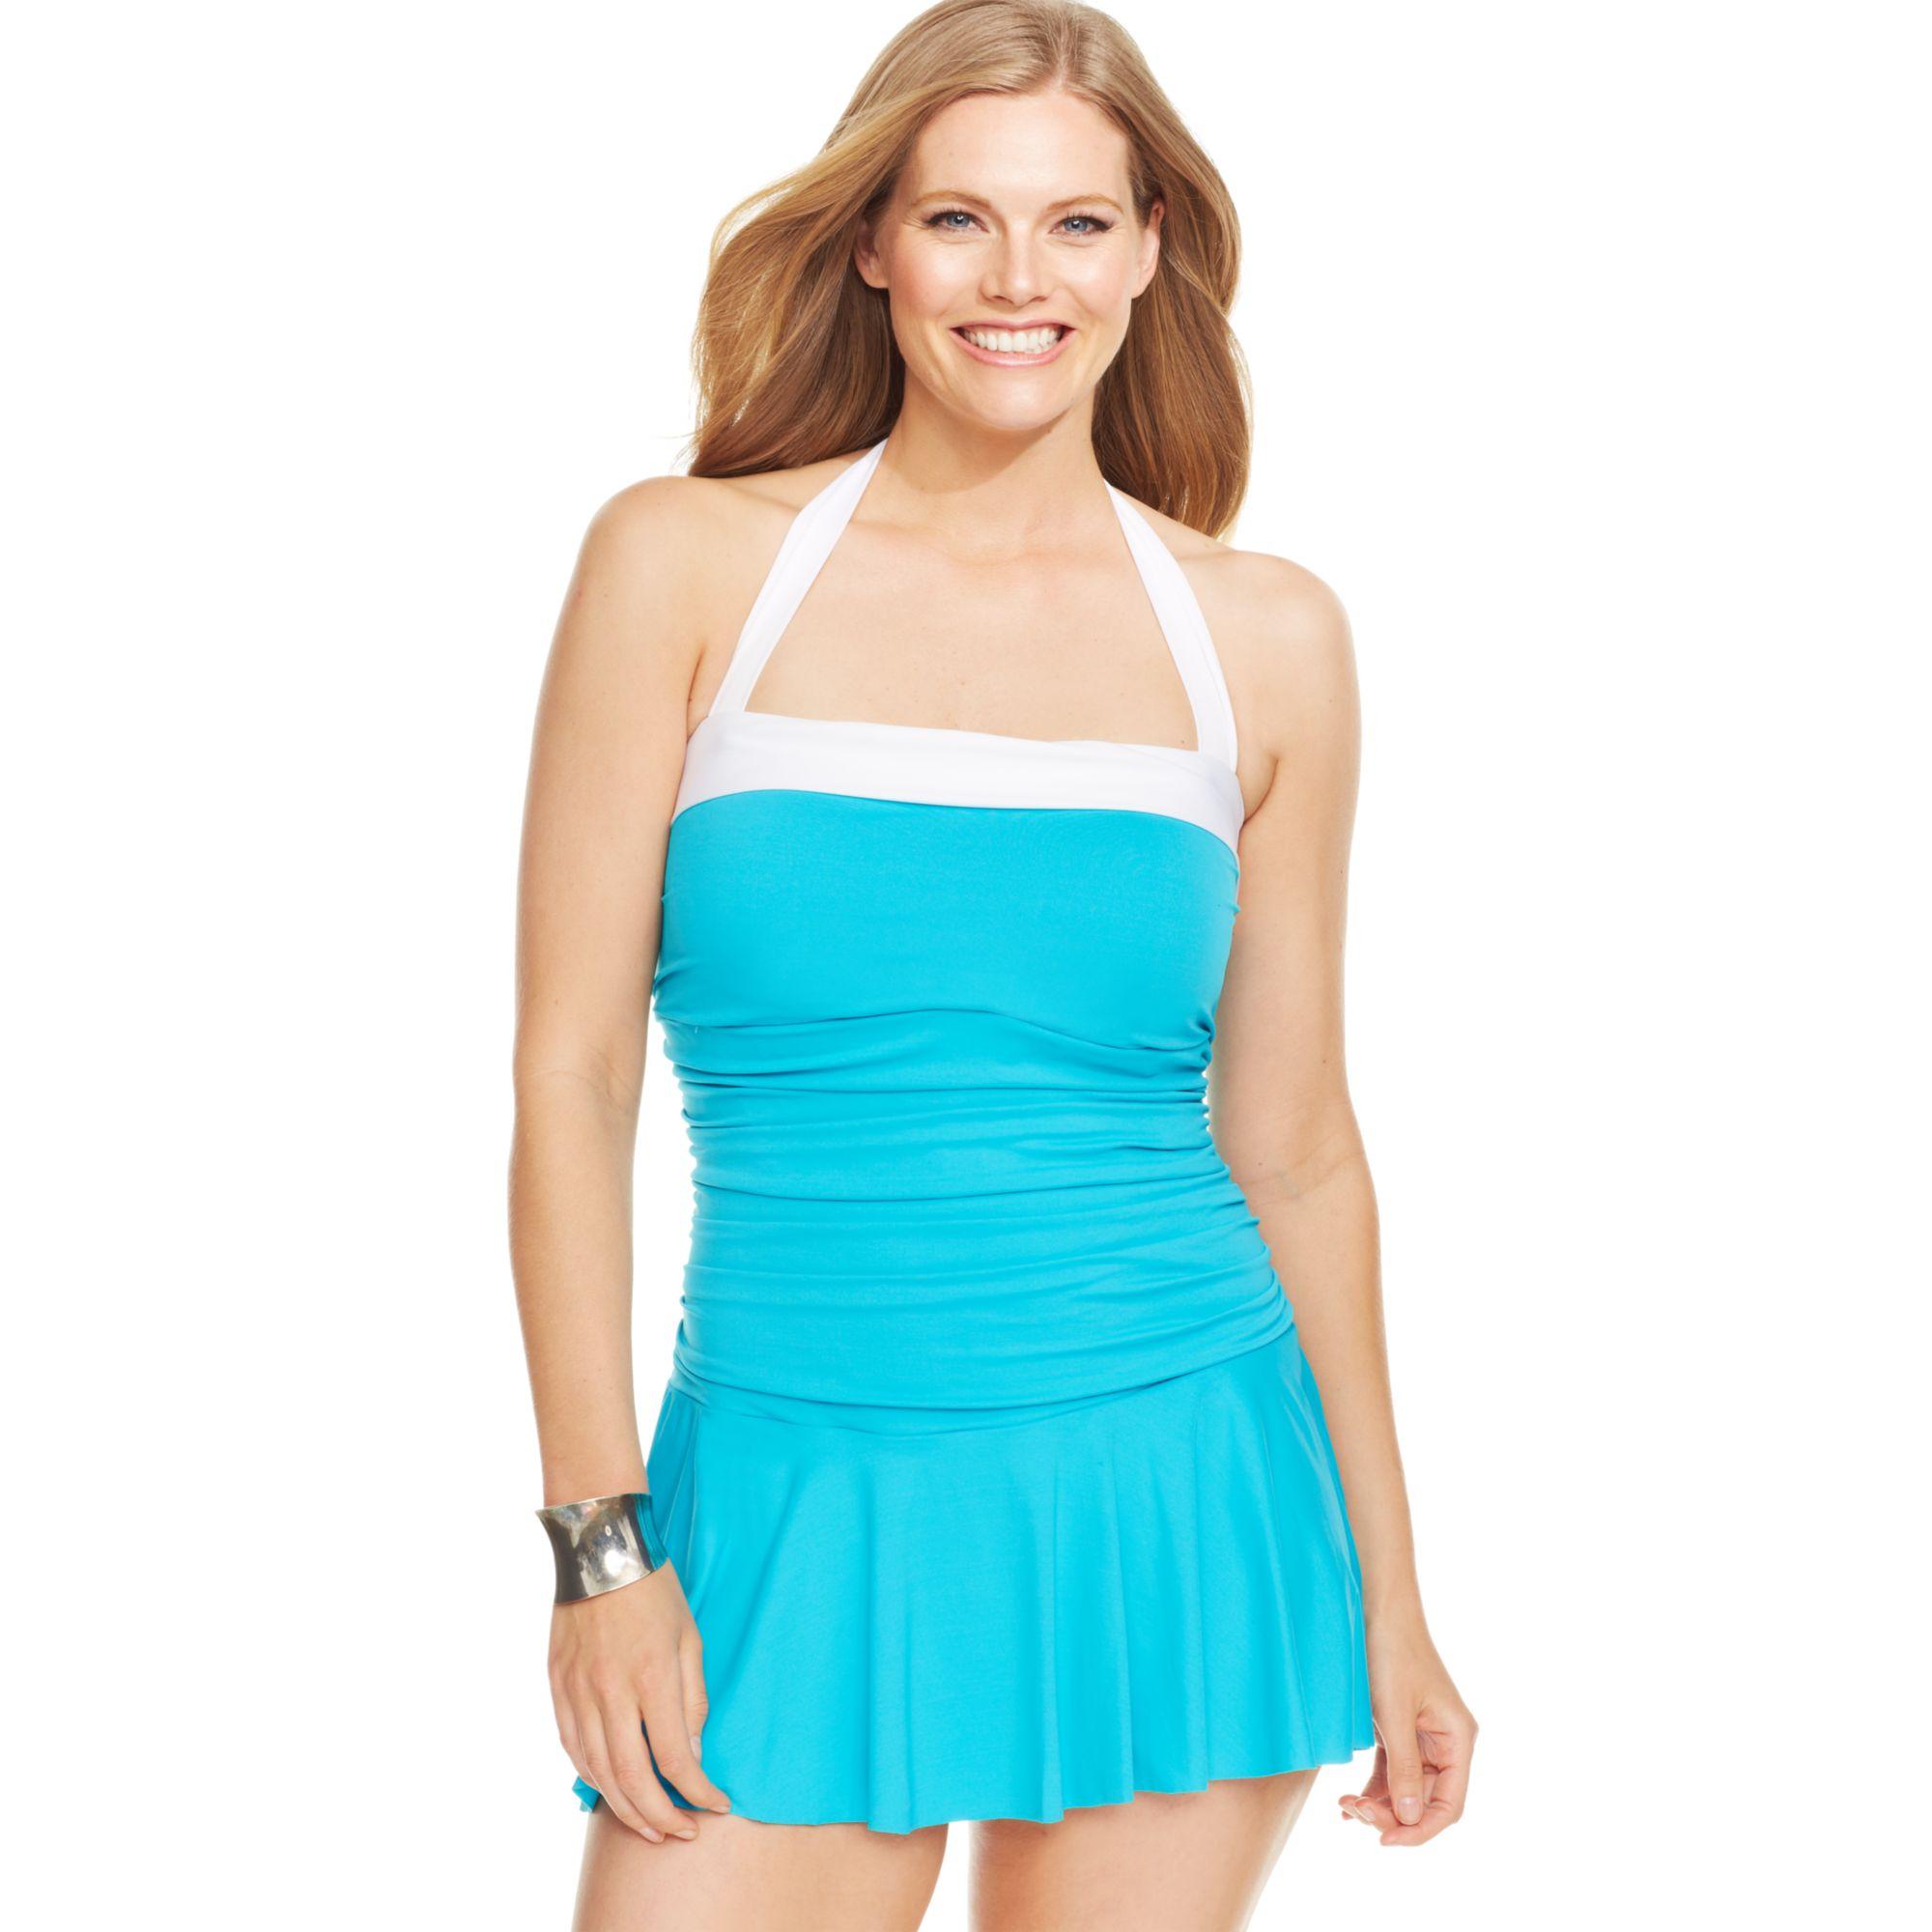 ece127af4f1 Lyst - Lauren by Ralph Lauren Plus Size Colorblocked Halter ...